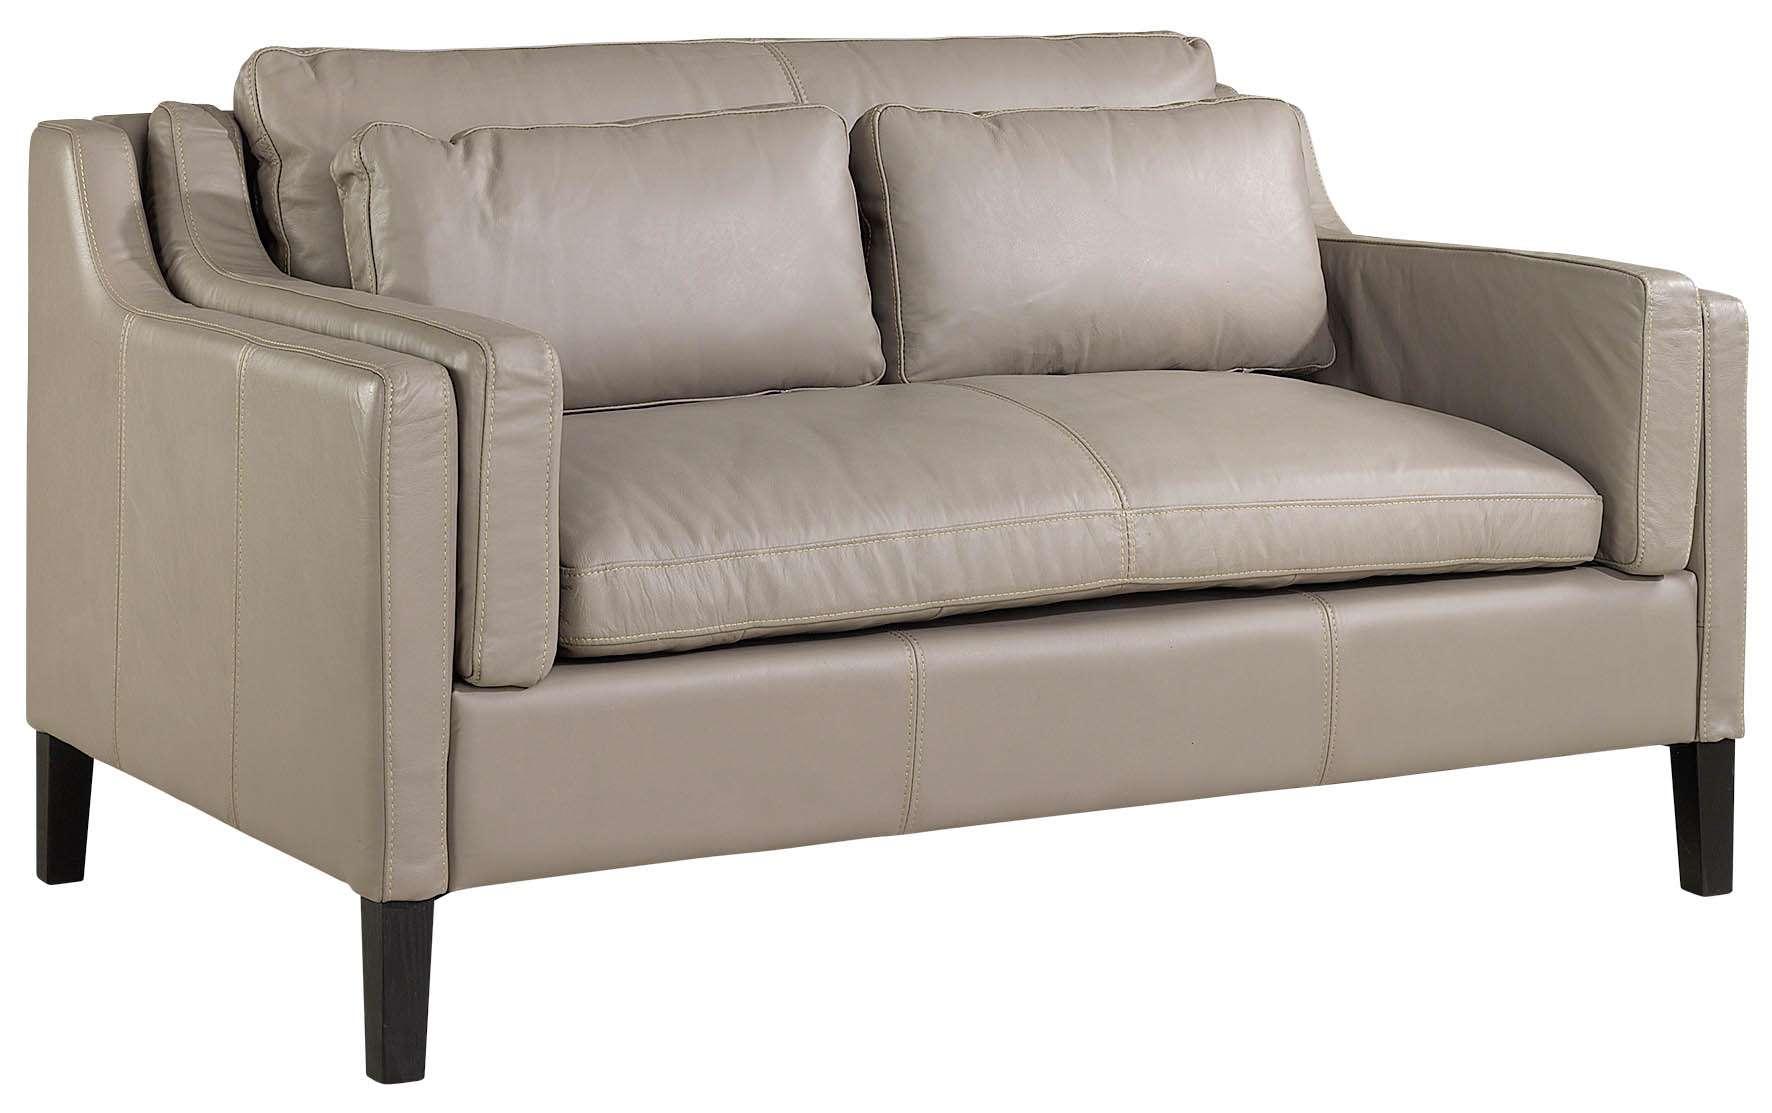 Sofa Manchester 2-osobowa skórzana jasna 150x91x87